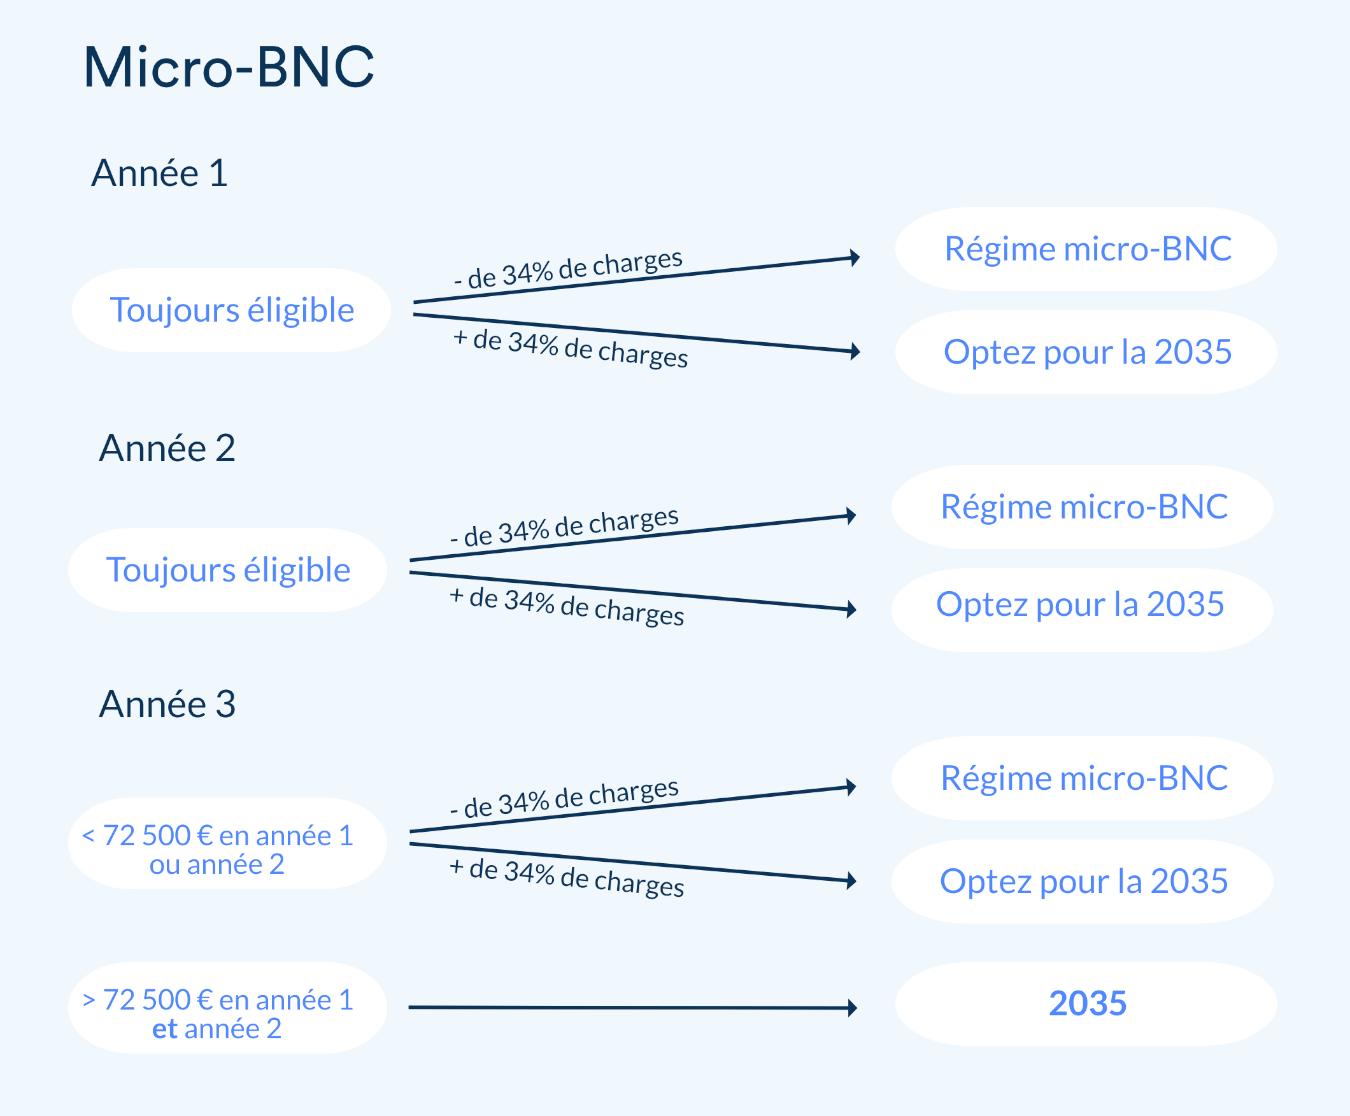 Tableau de l'éligibilité au micro-BNC